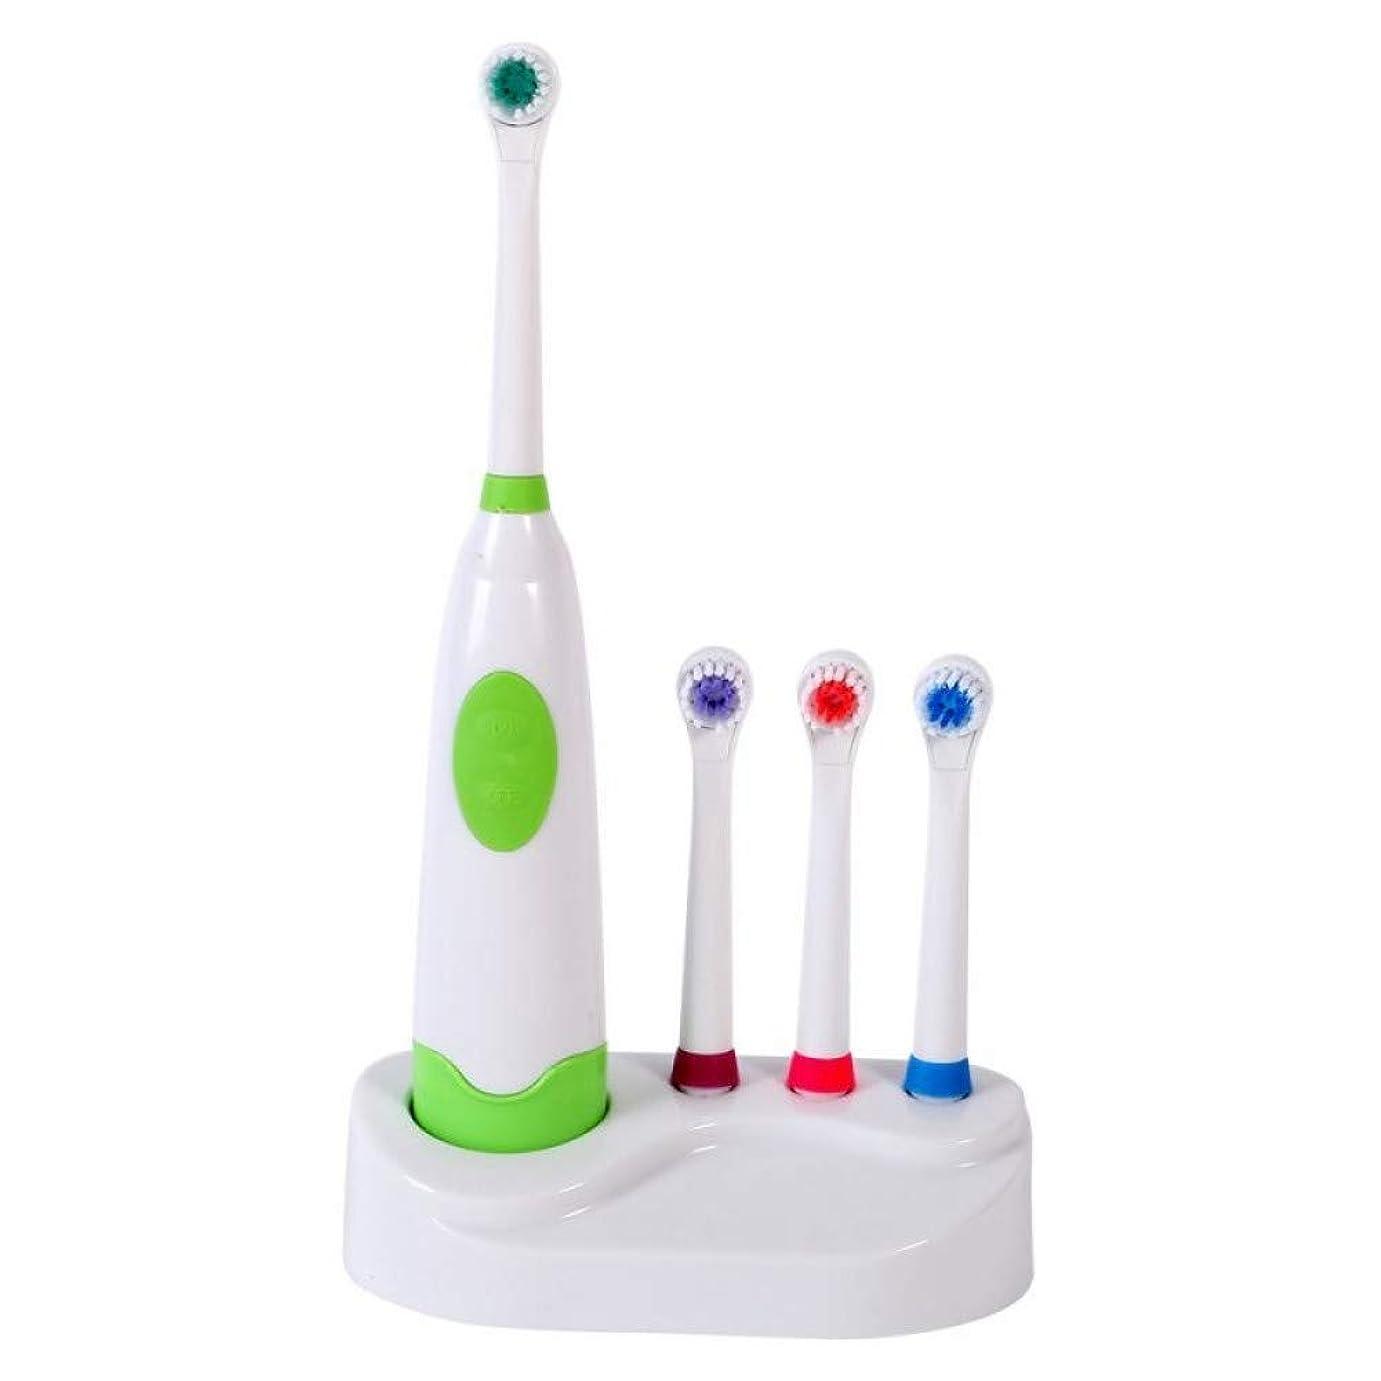 弾性ノズルブラシヘッド付き交換用ソフト電動歯ブラシ交換用歯ホワイトナークリーニング口腔衛生、グリーン